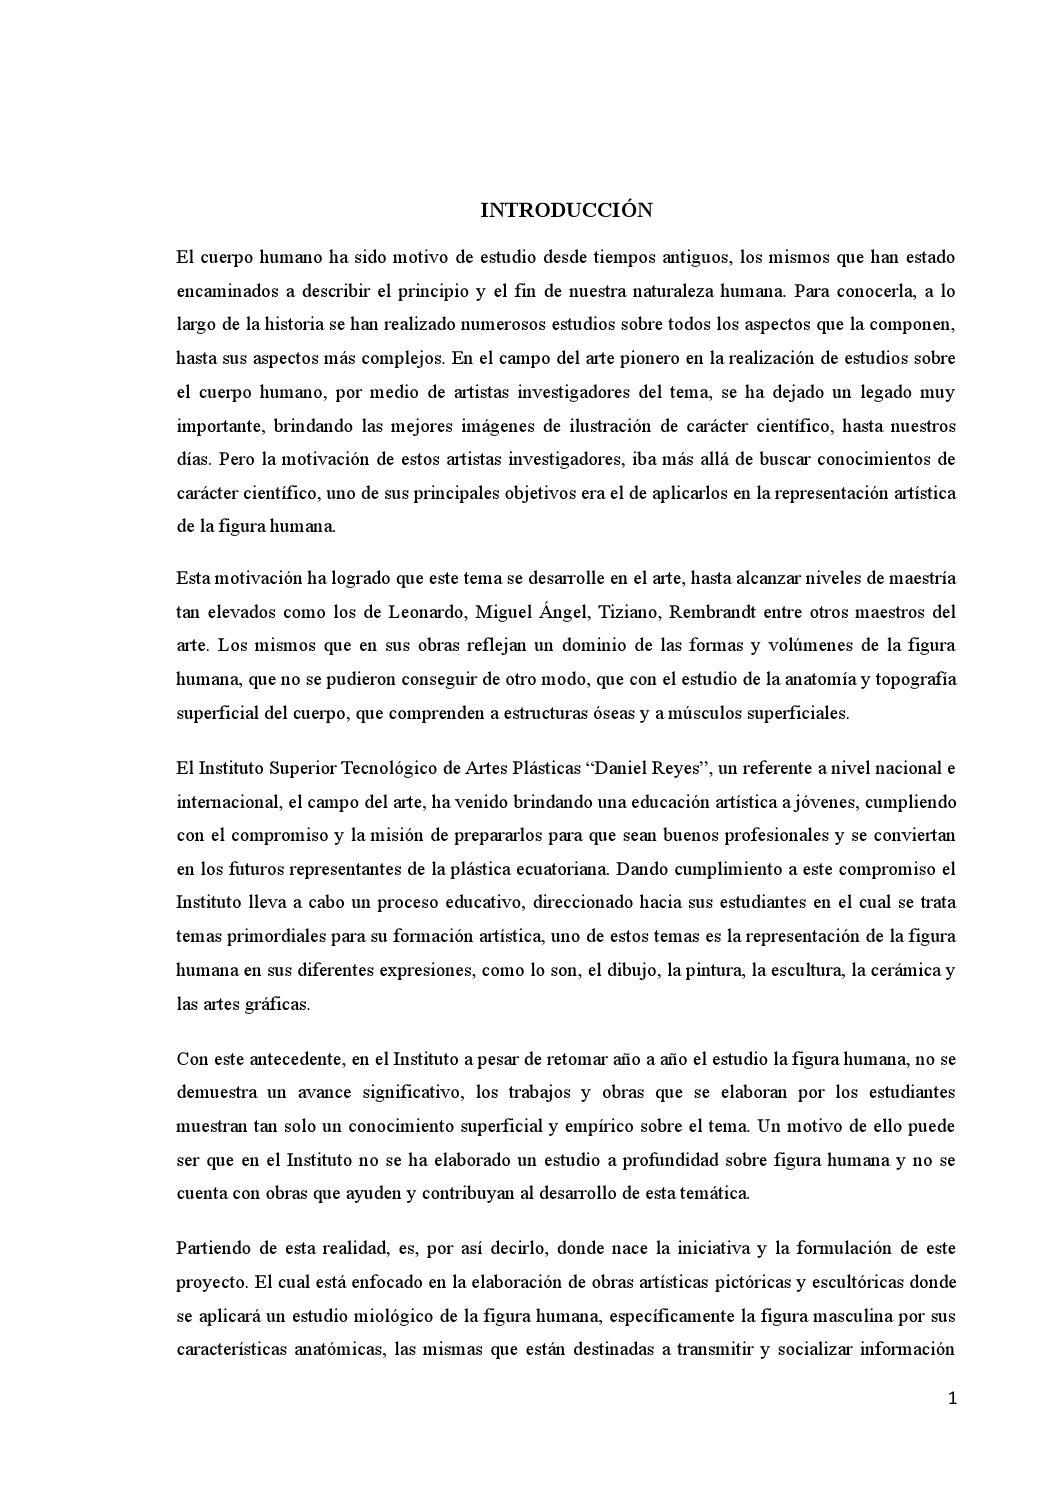 Trabajo de titulación andrade andrea 2015 by Rick River - issuu